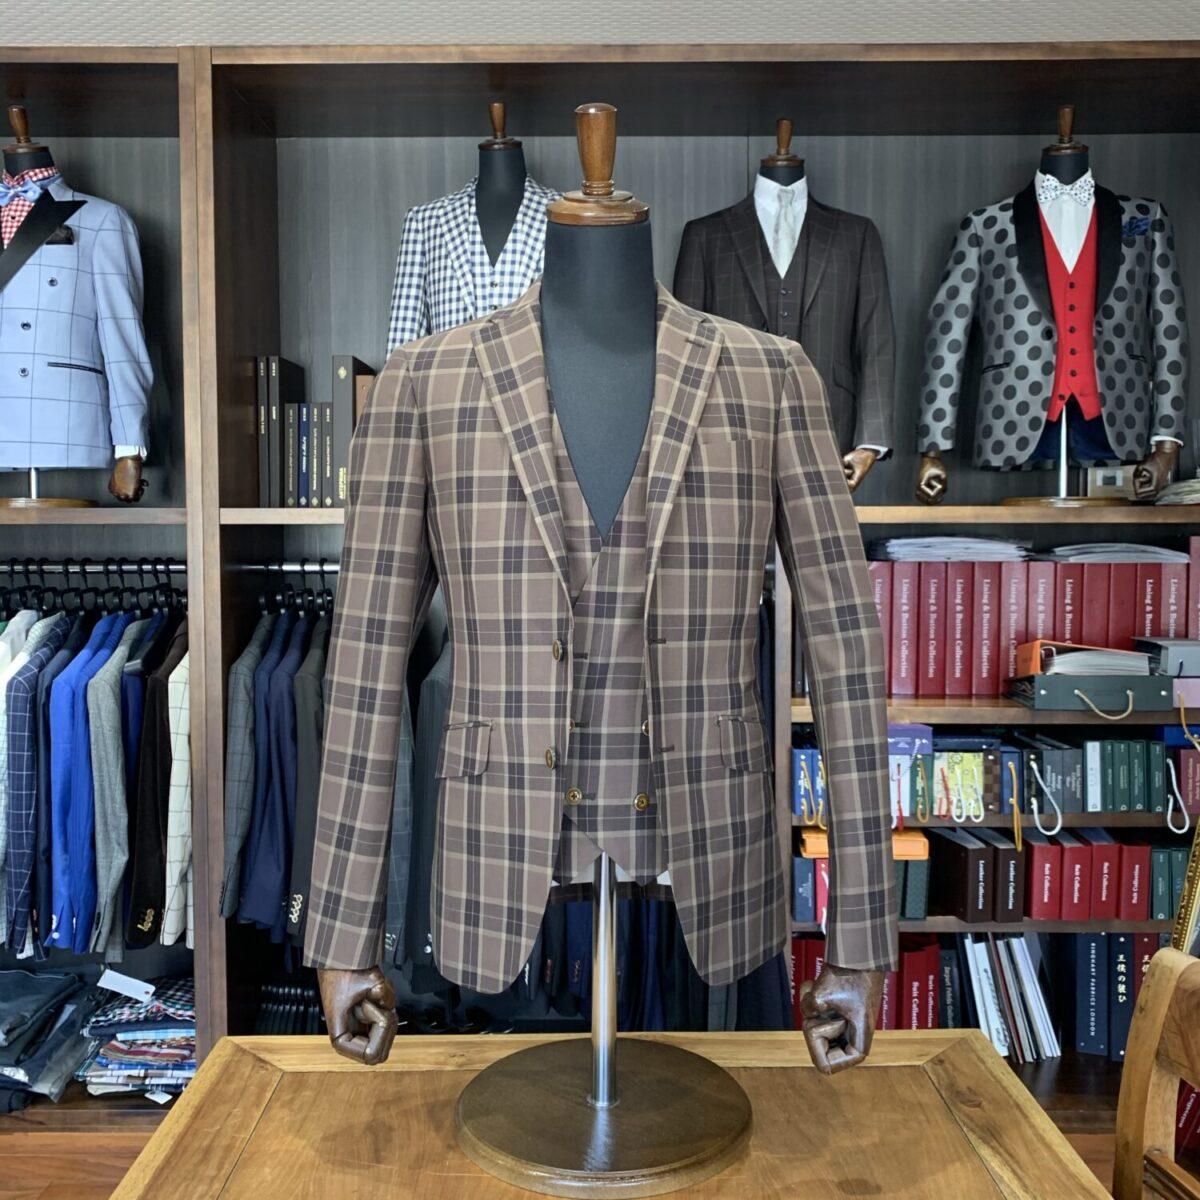 滋賀県大津市G様のオーダースーツを仕上げさせていただきました!